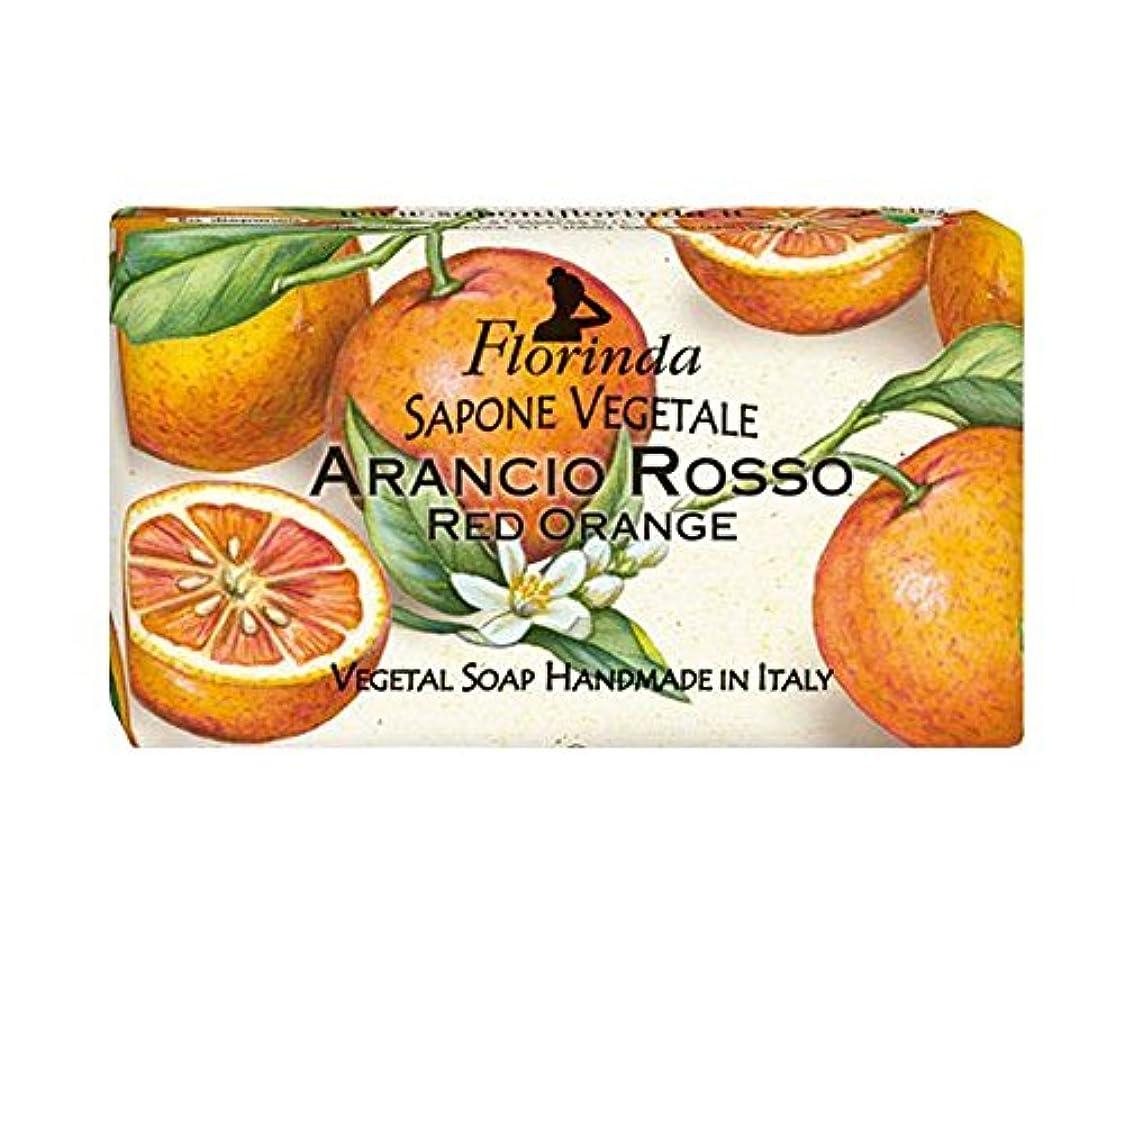 飢えタイムリーな全部Florinda フロリンダ フレグランスソープ フルーツ レッドオレンジ 100g [並行輸入品]